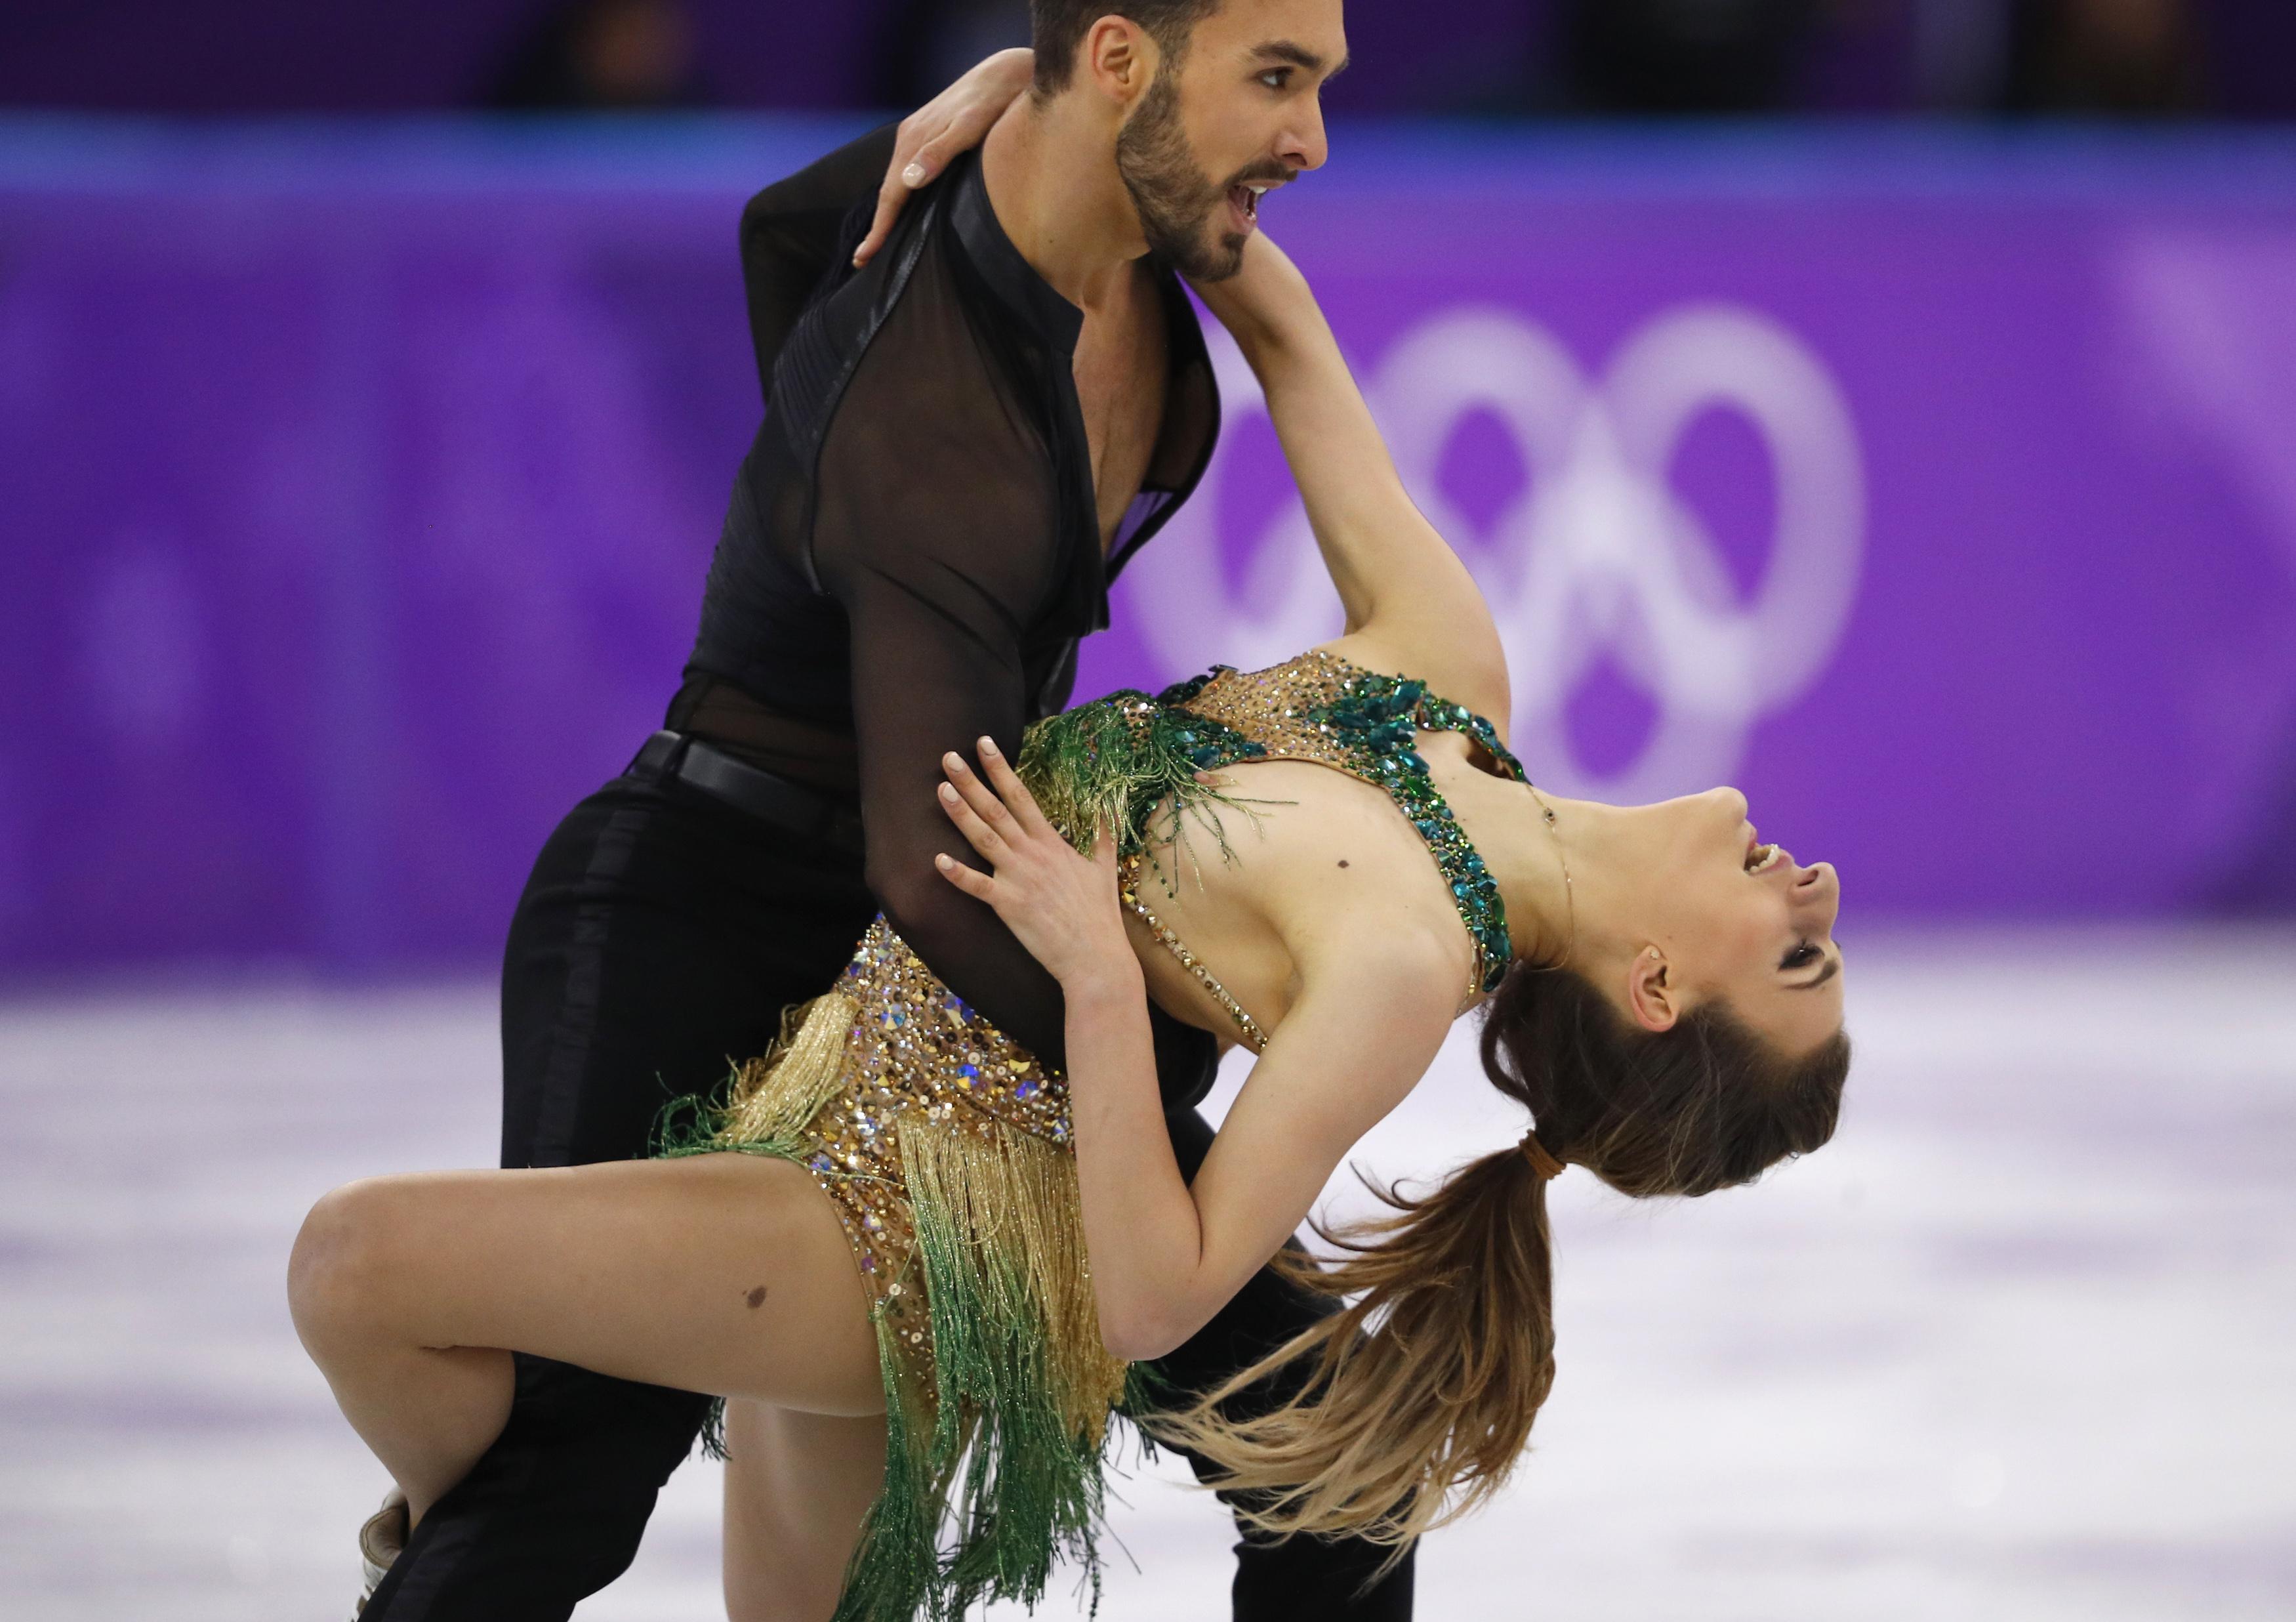 nip malfunction Olympic slip wardrobe